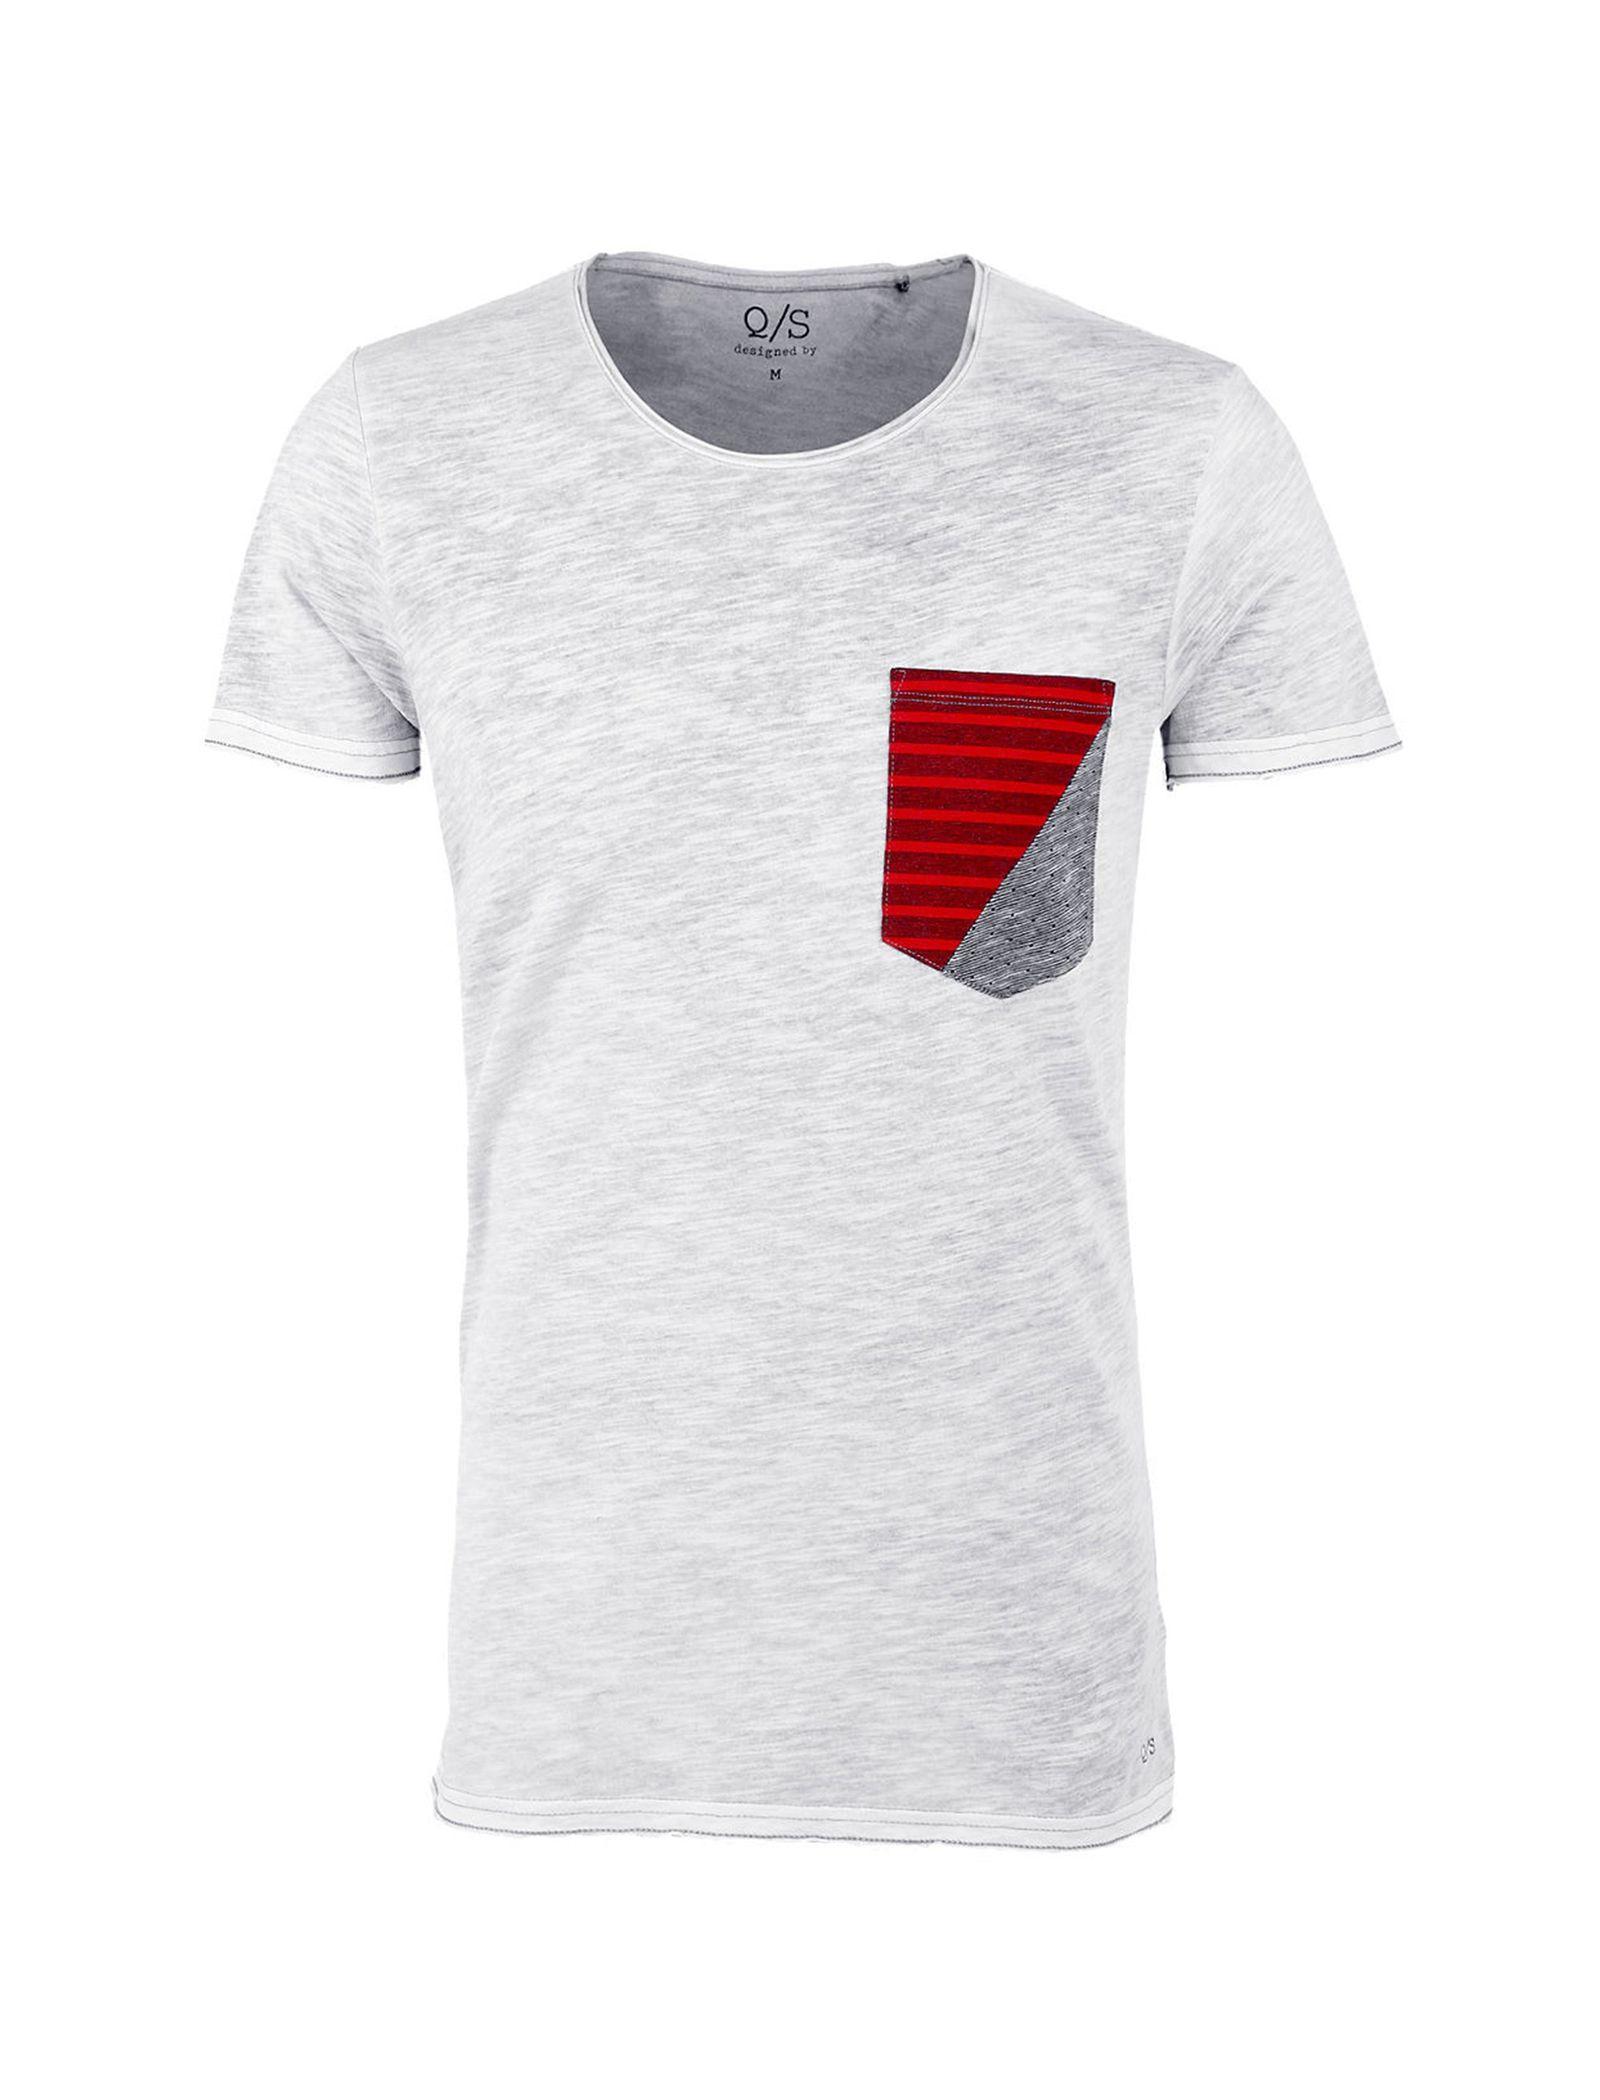 تی شرت نخی یقه گرد مردانه - اس.اولیور - طوسي قرمز - 1